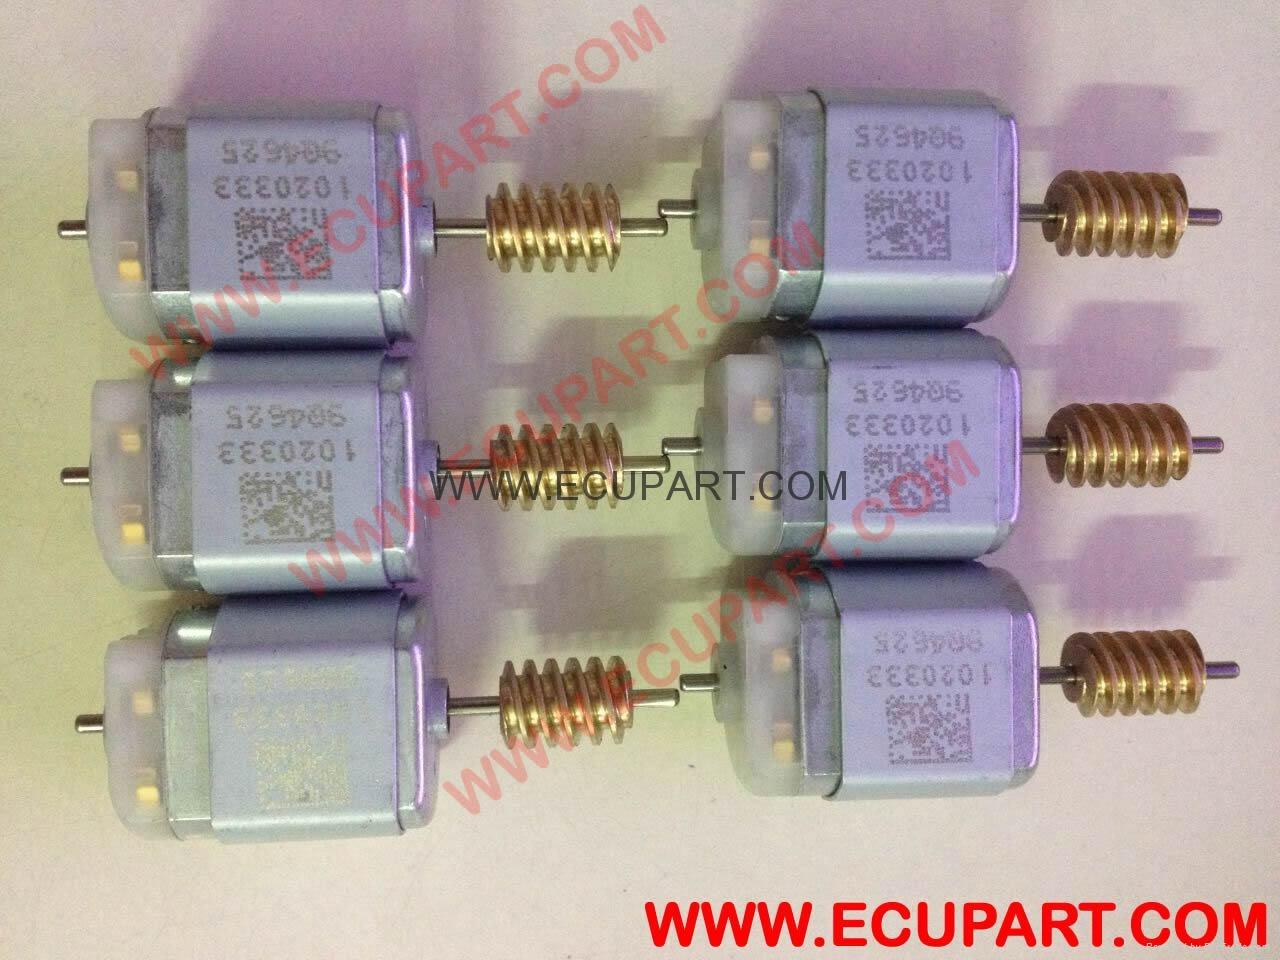 奔馳C系方向盤鎖電機C180 C200 C250 C280 C300 C320 C350奔馳方向盤鎖馬達 1